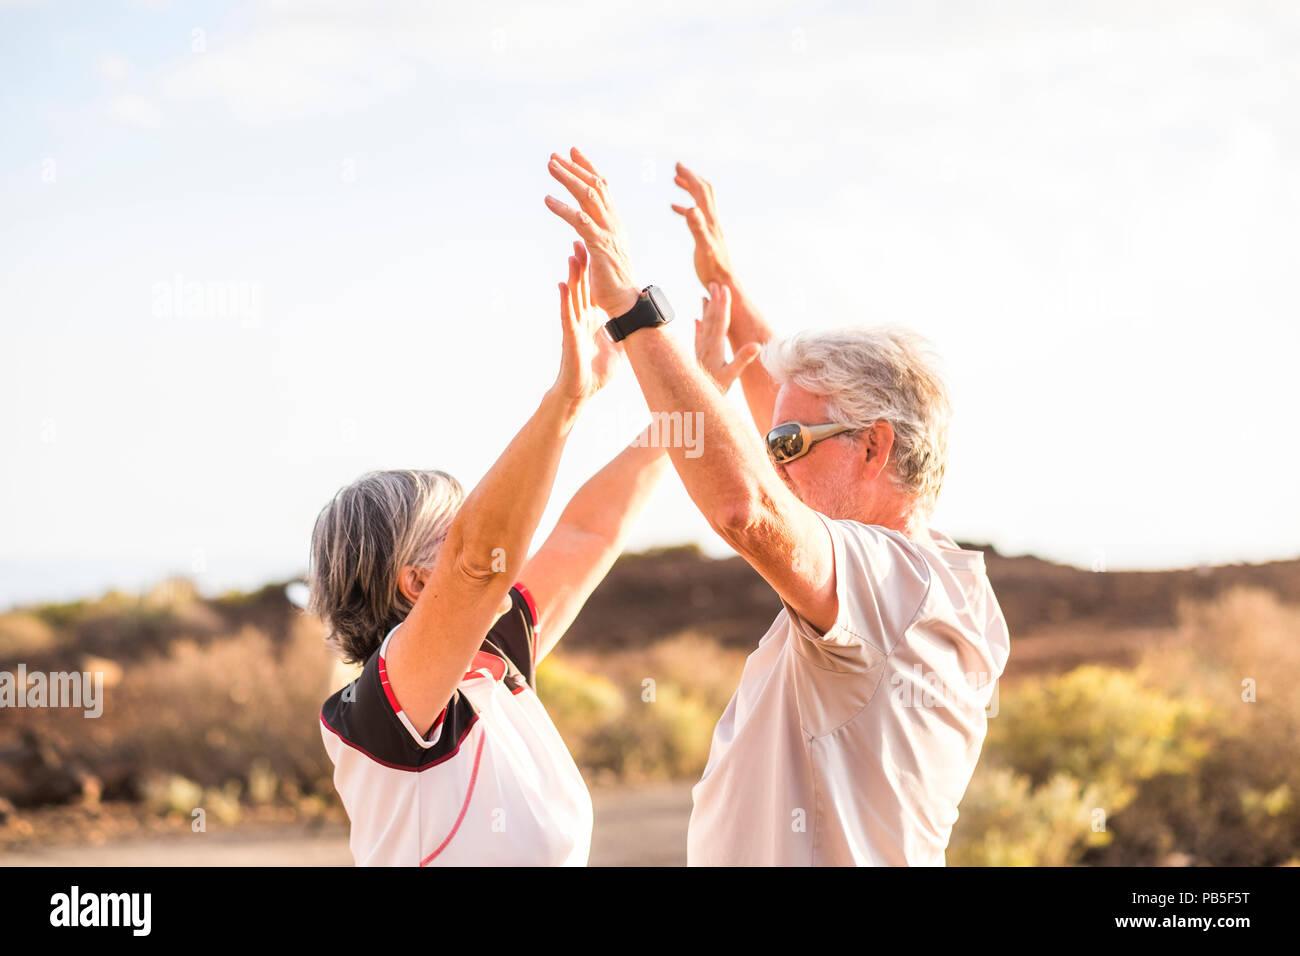 Senior Coppia matura godere e vincere insieme dando cinque e abbracciando sotto un bello giorno di sole in estate. attività sportiva e vestiti. Età attiva Immagini Stock